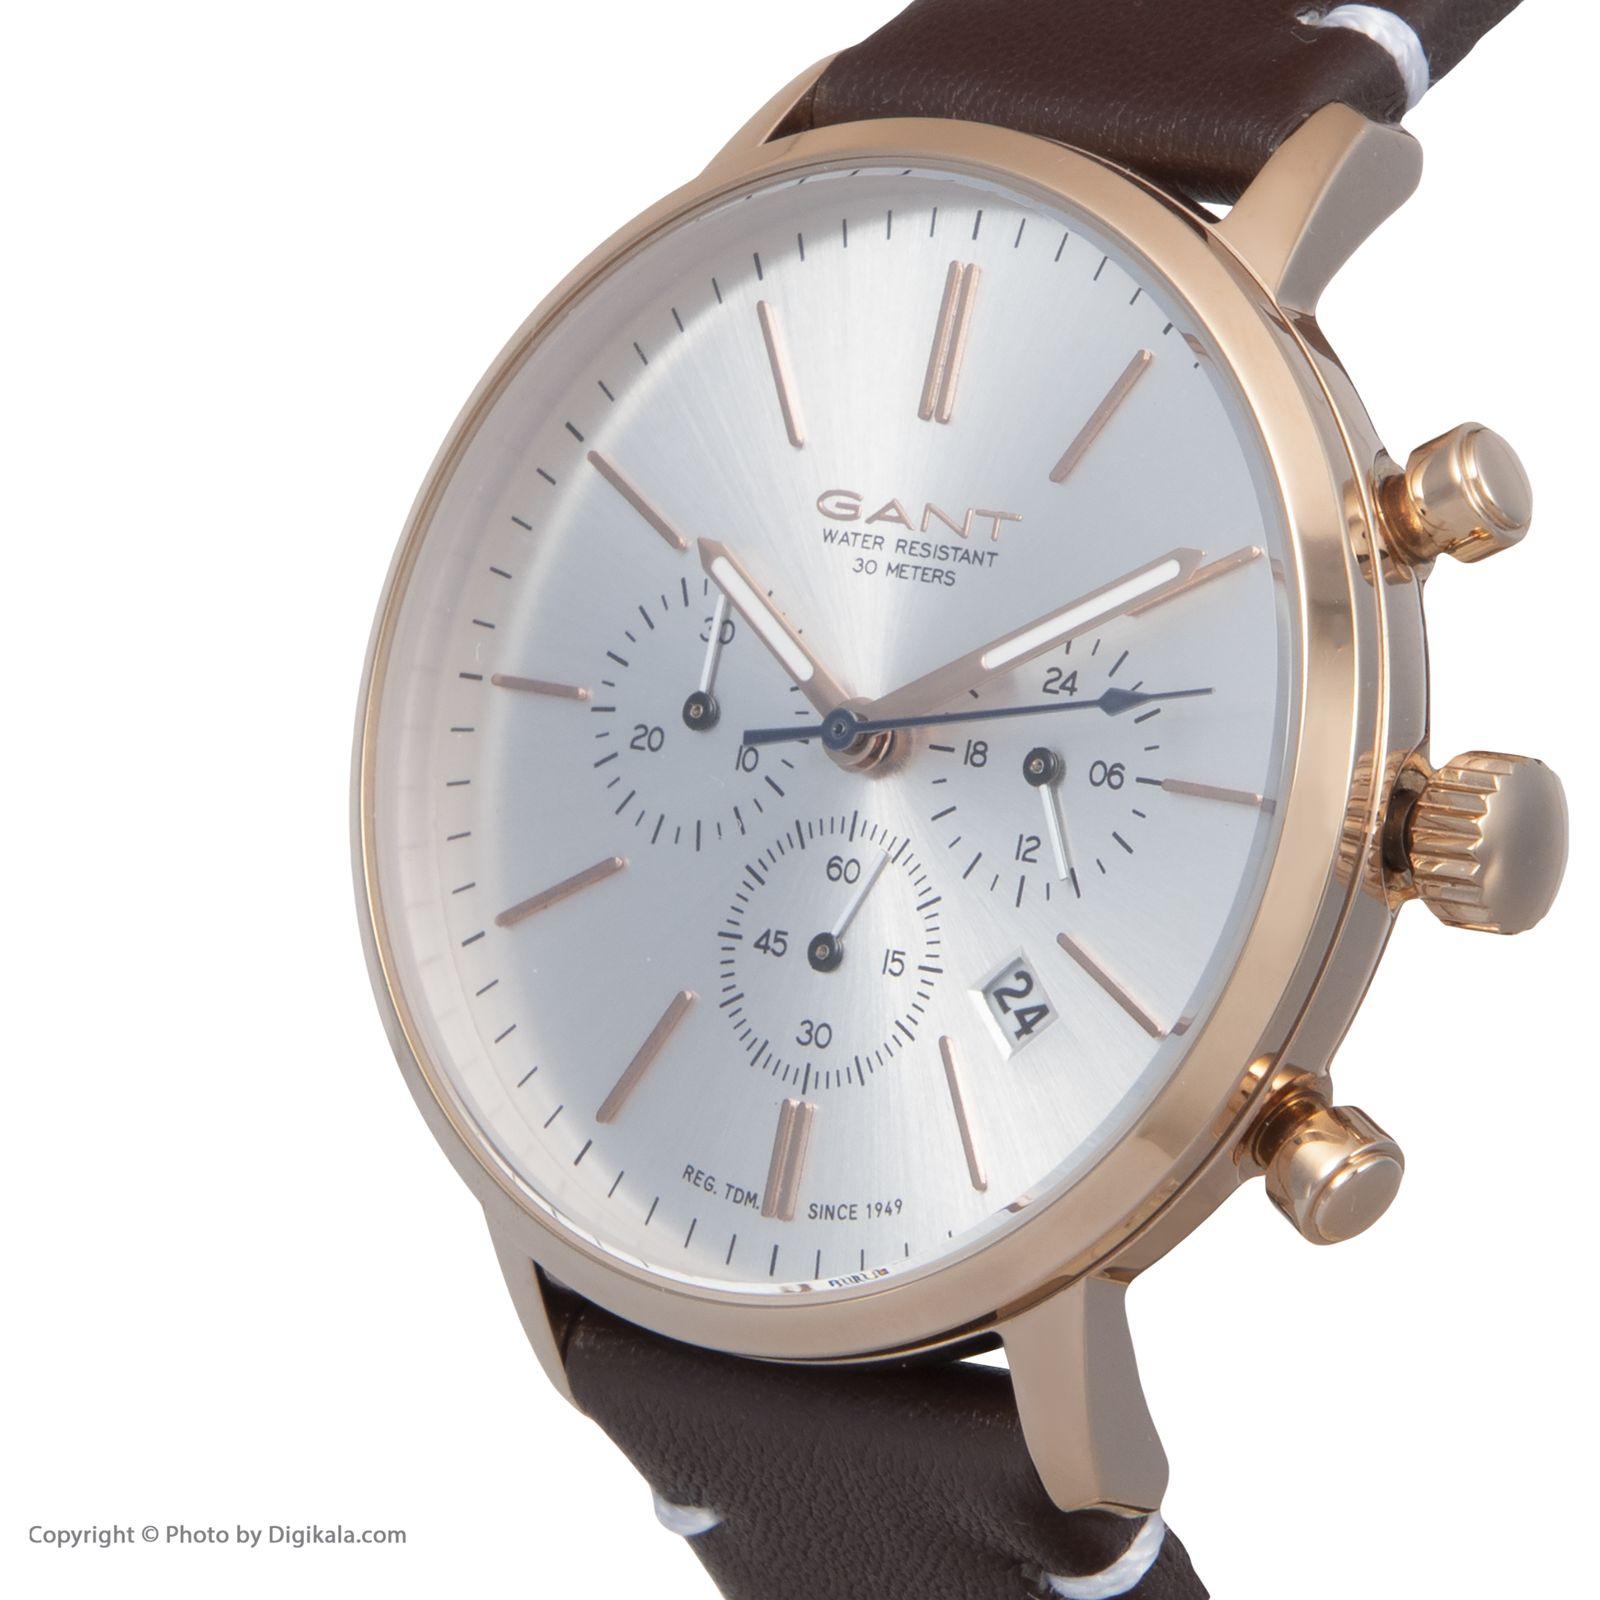 ساعت مچی عقربه ای مردانه گنت مدل GWGT076003 -  - 4